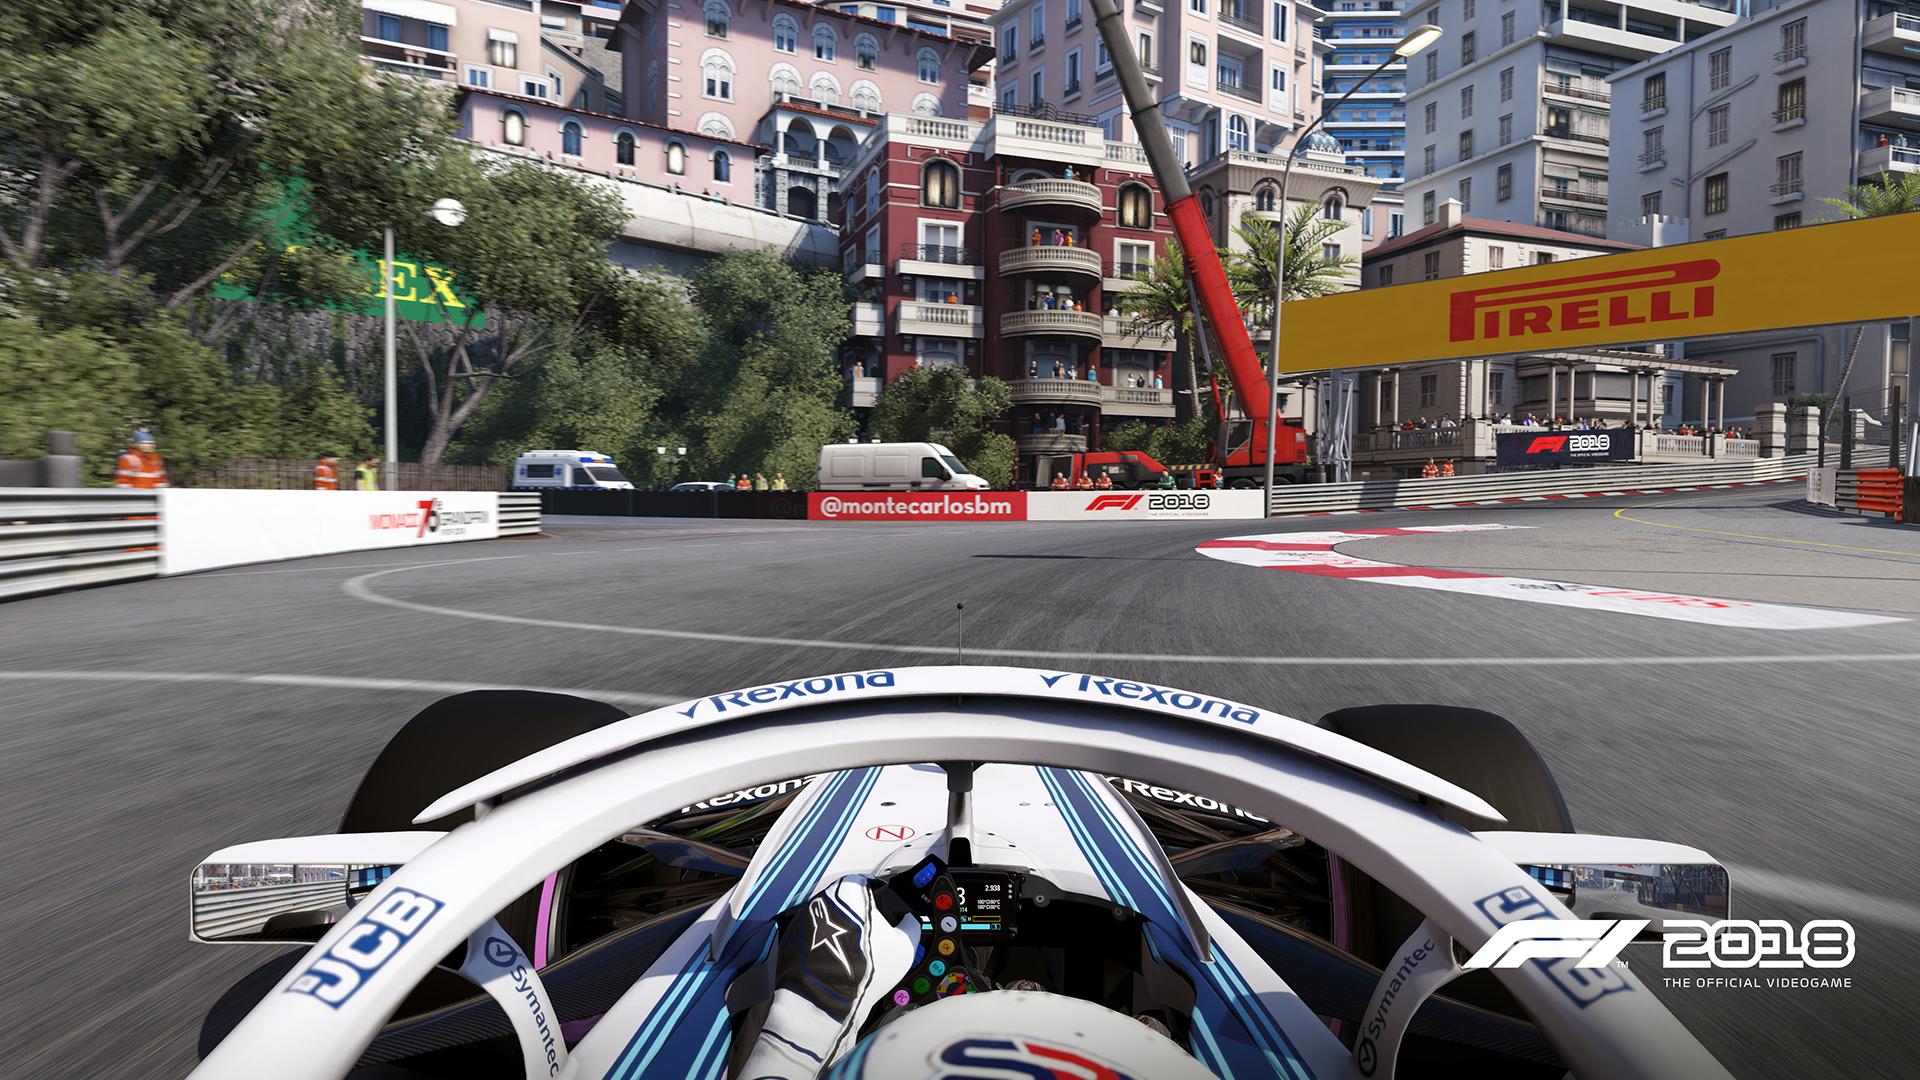 F1 Monaco_01_2018.jpg